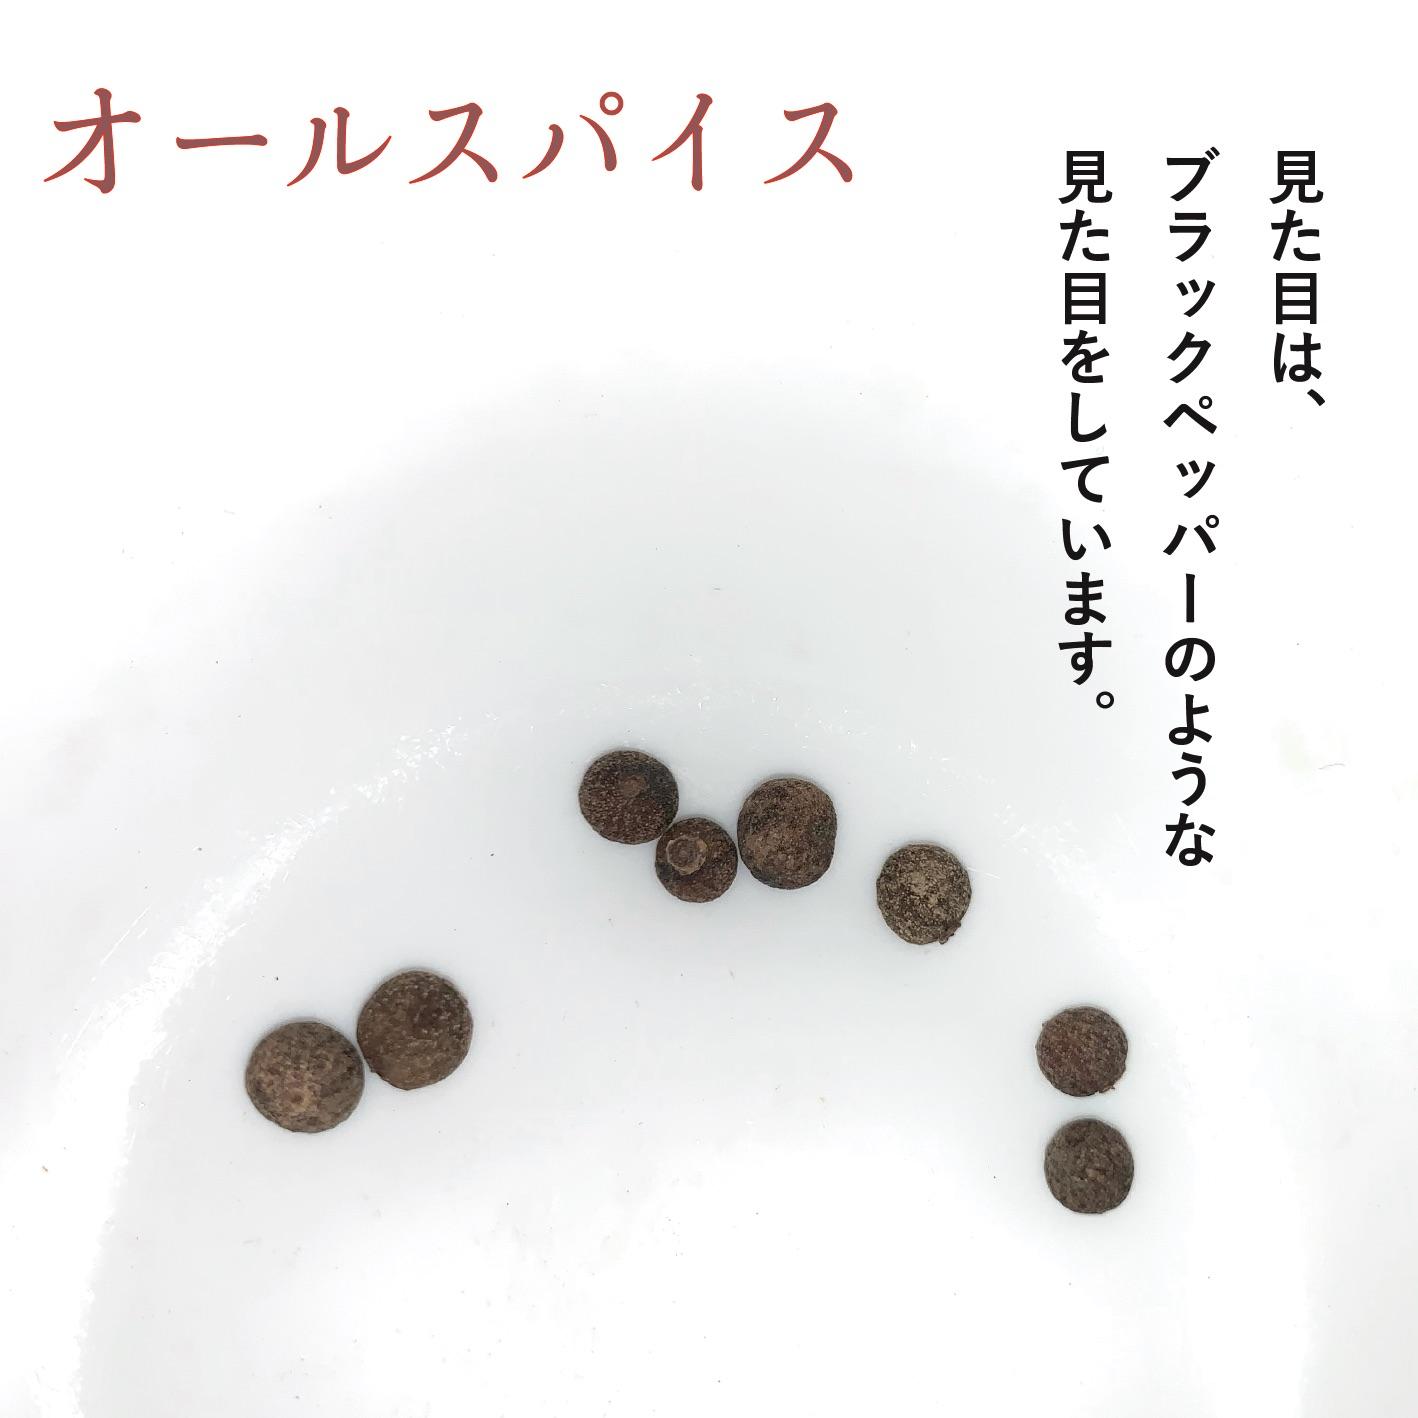 クラフトコーラの食材紹介 vol.5 オールスパイス